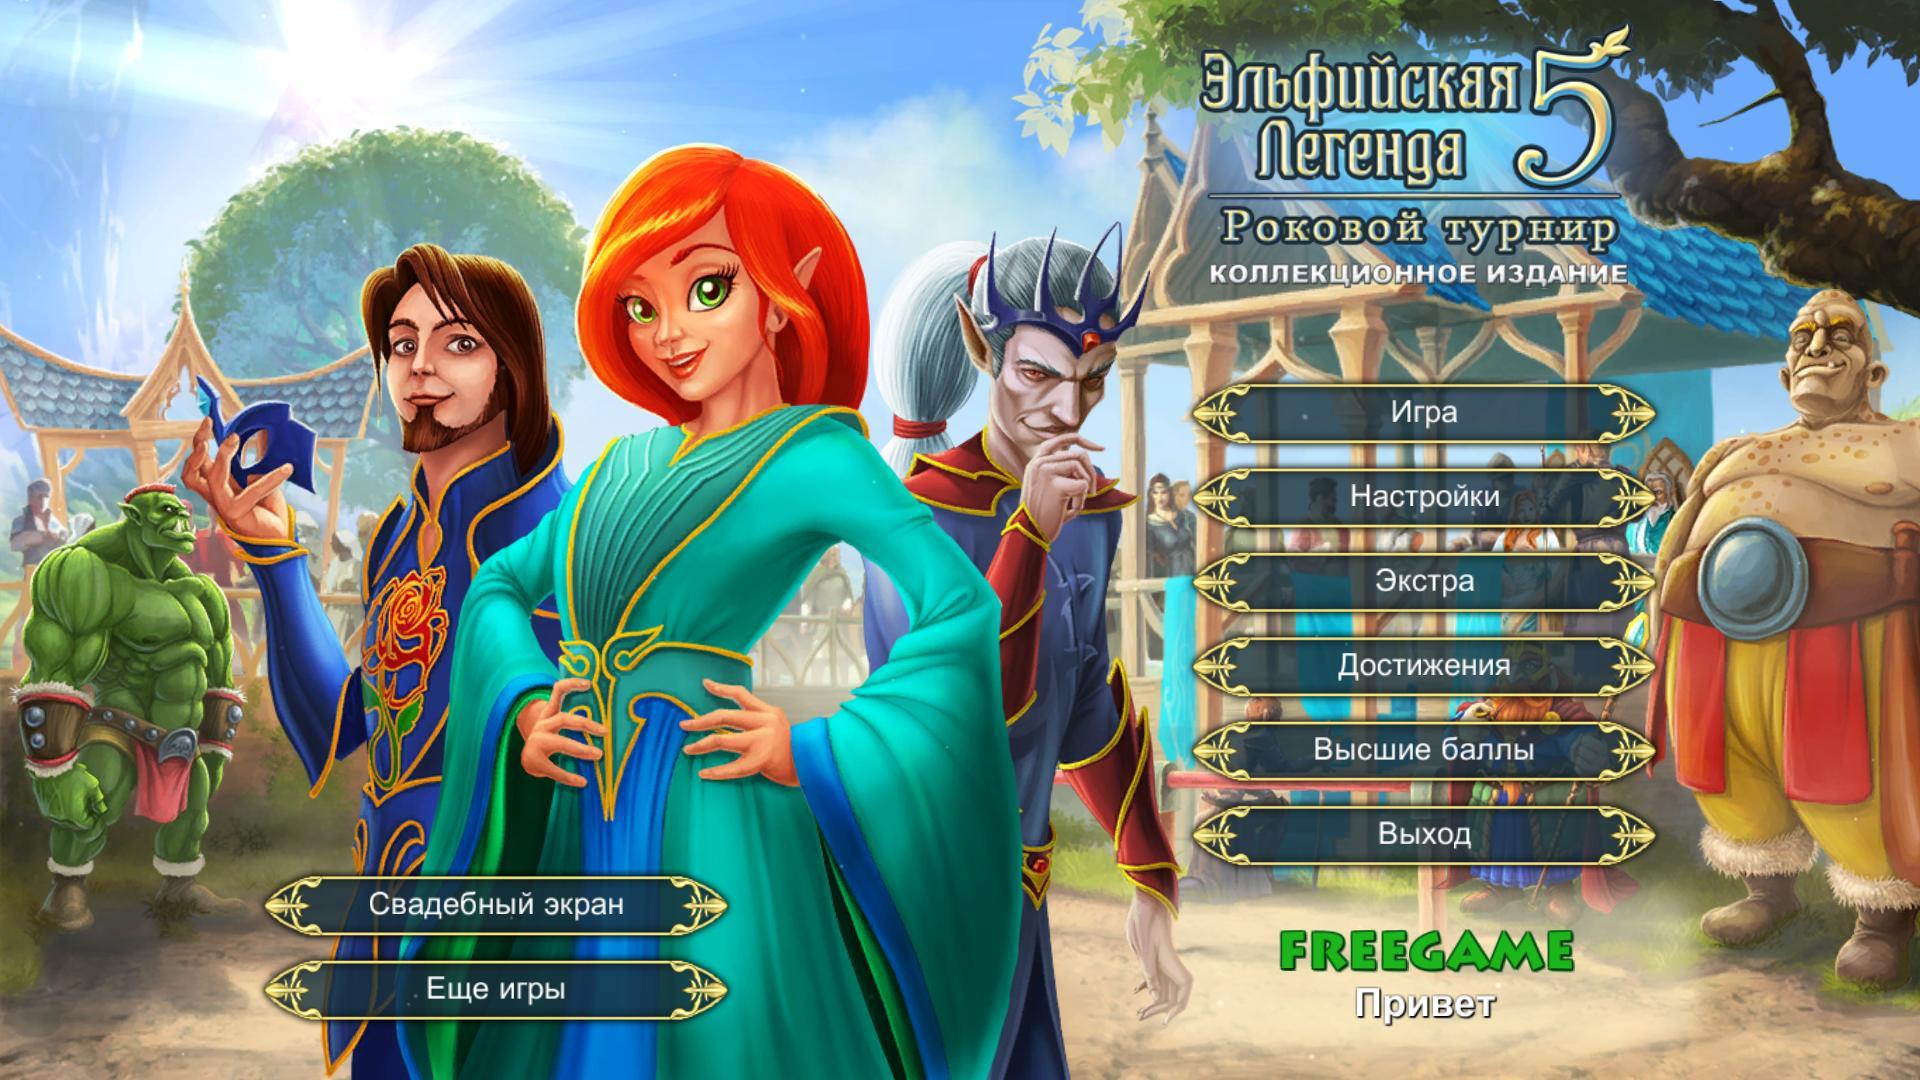 Эльфийская легенда 5: Роковой турнир. Коллекционное издание | Elven Legend 5: The Fateful Tournament CE (Rus)